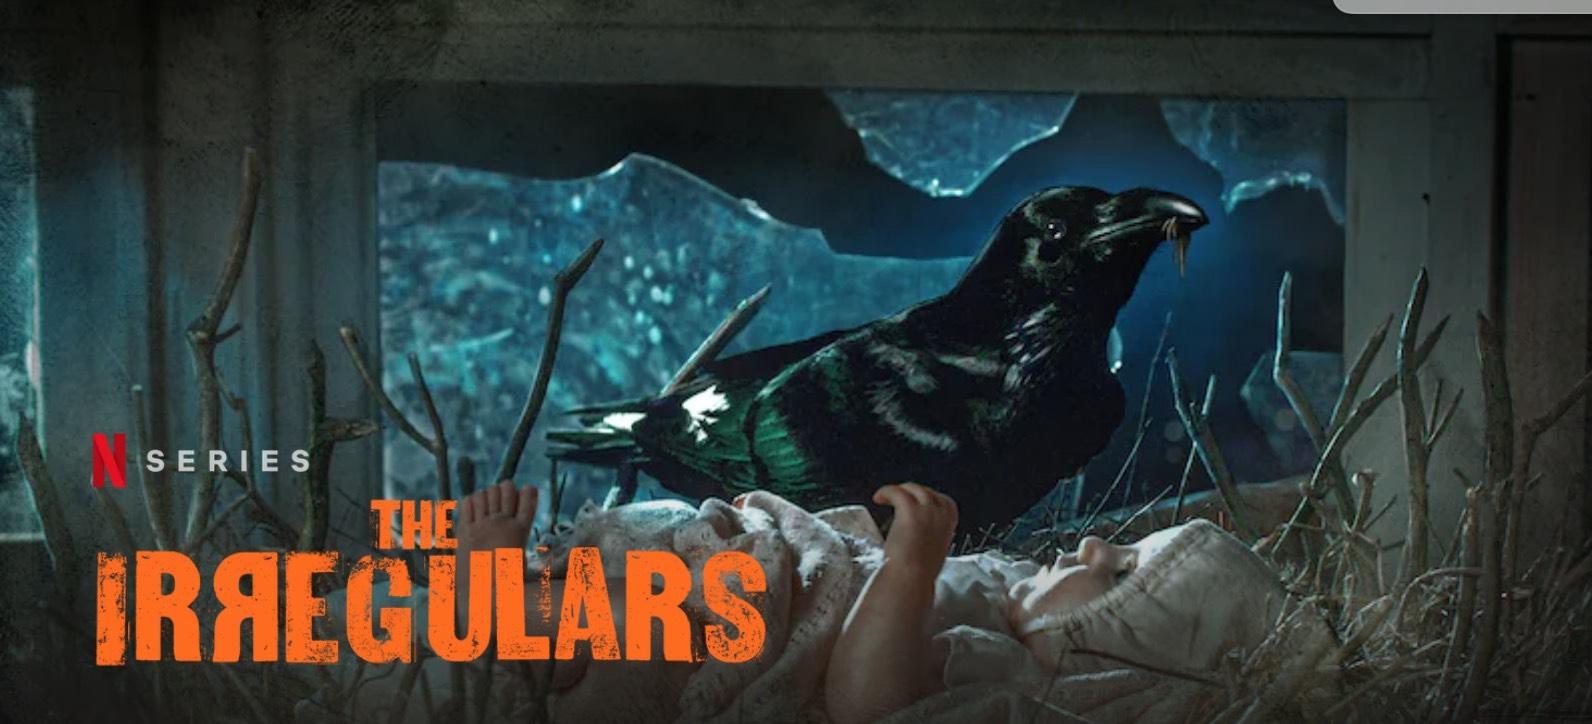 Netflix The Irregulars Trailer Announcement